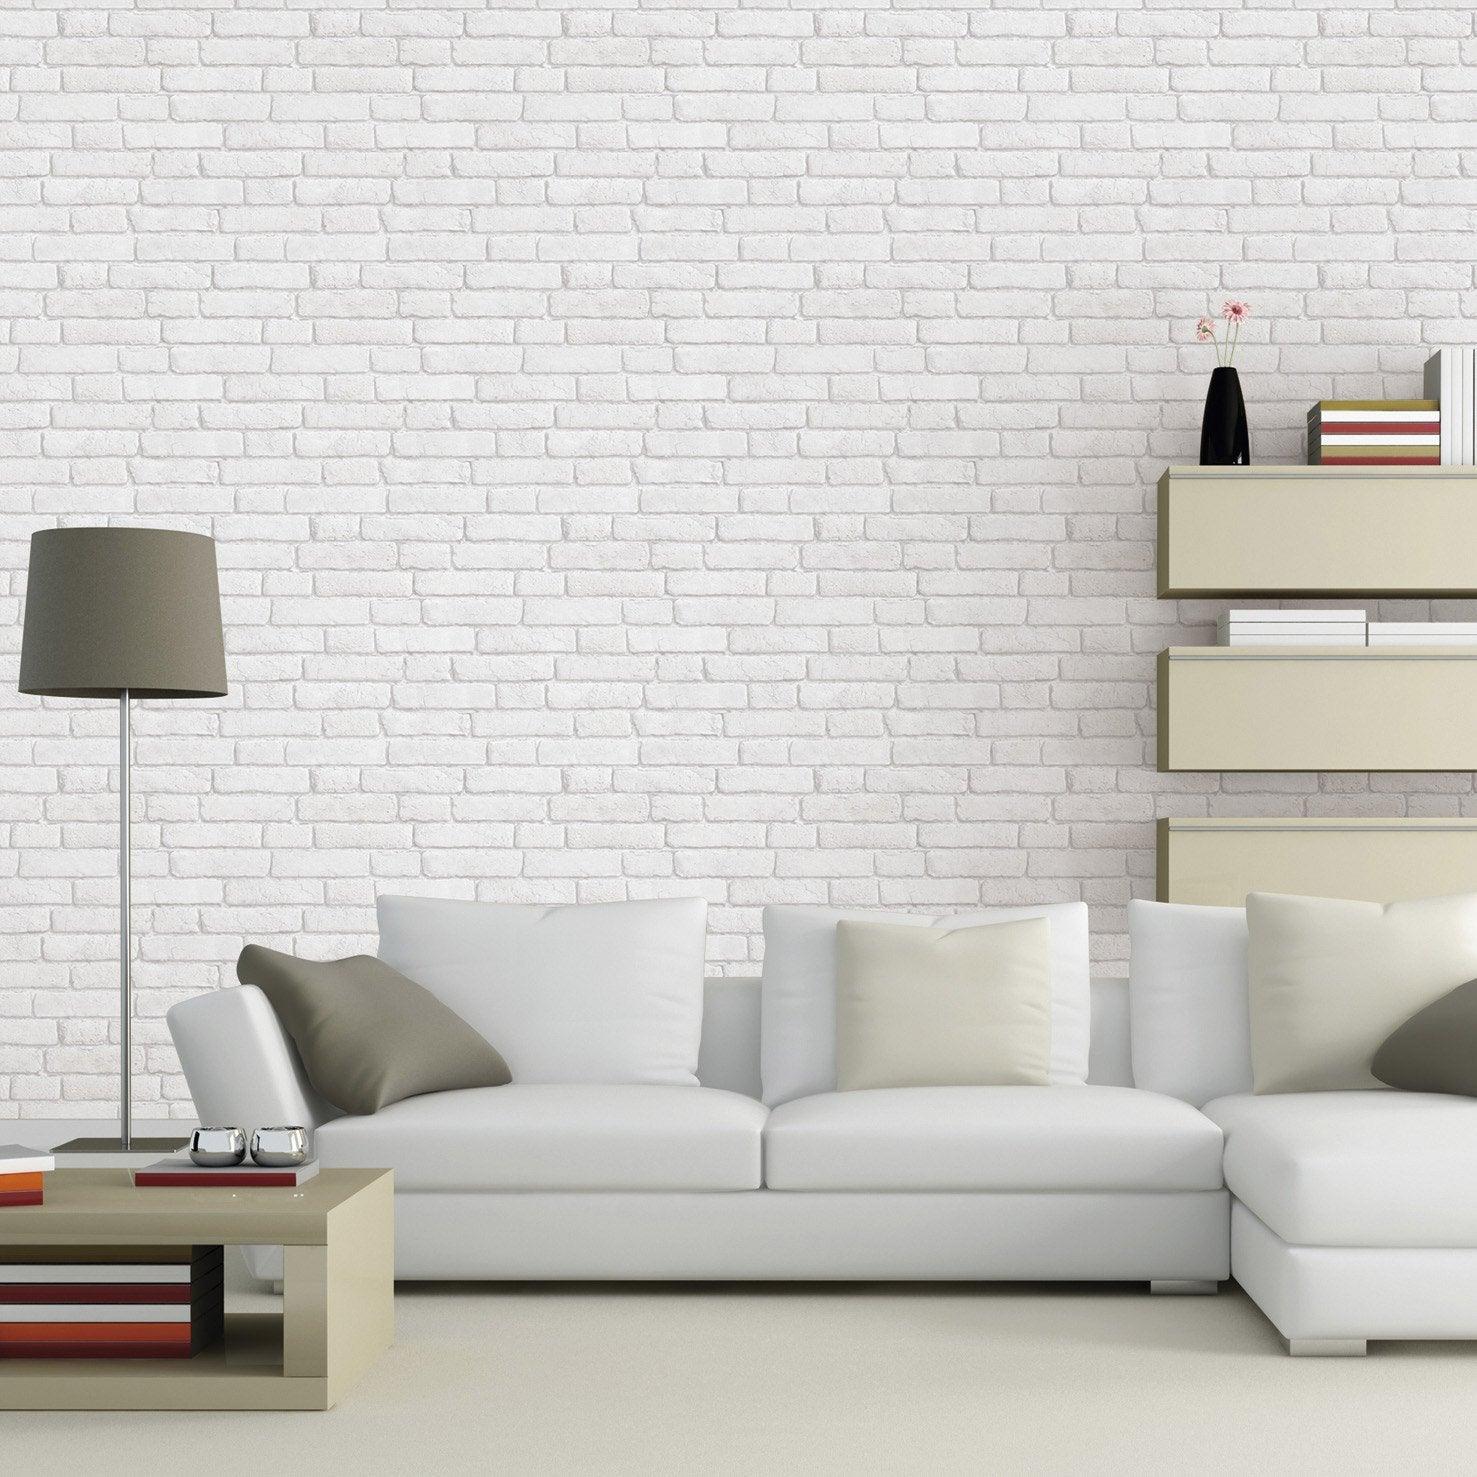 Papier peint intiss briques anciennes blanc leroy merlin - Papier peint blanc leroy merlin ...